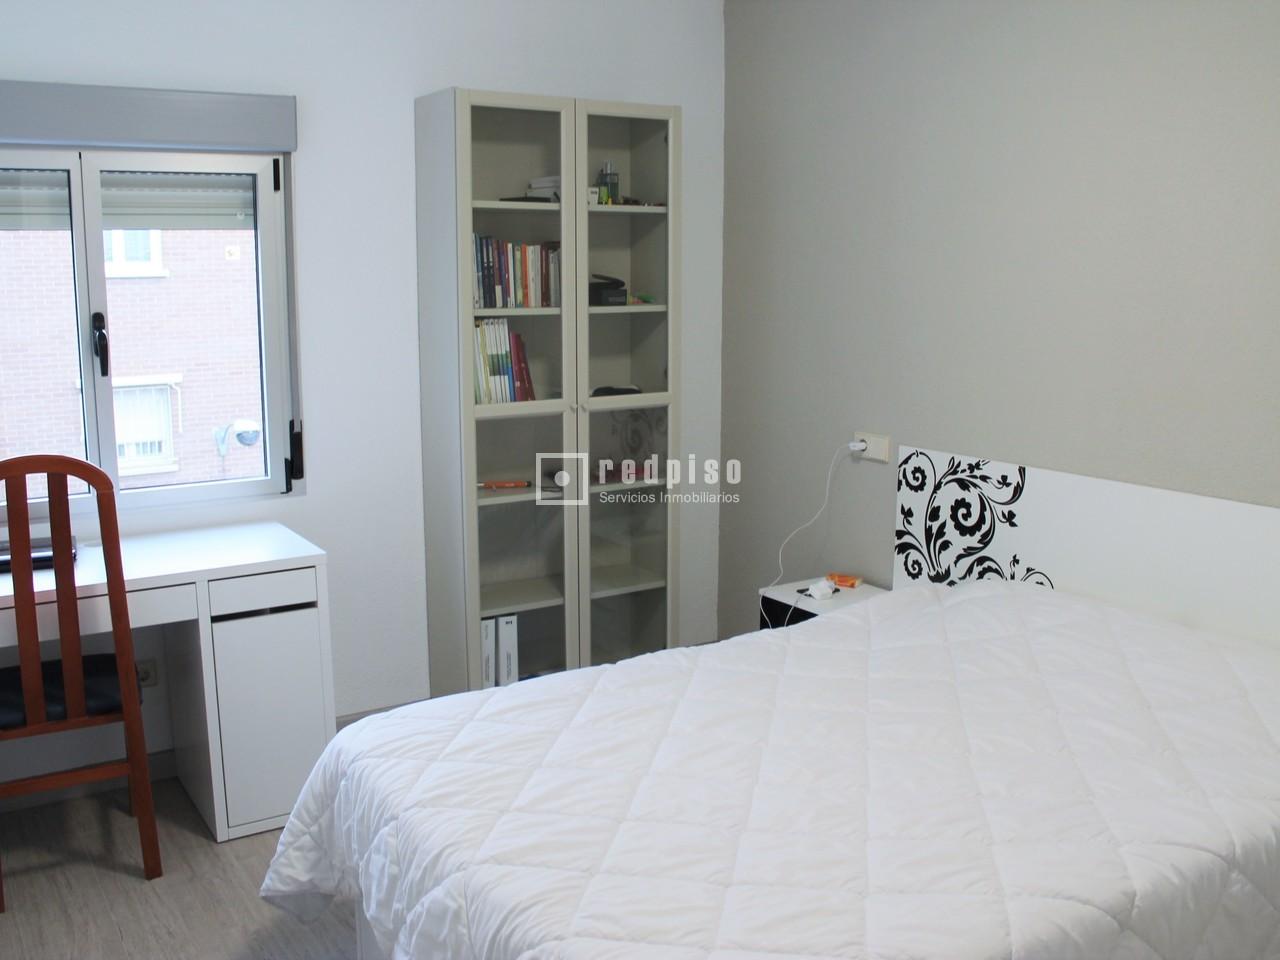 Piso en venta en calle salas de barbadillo pueblo nuevo ciudad lineal madrid madrid - Pisos en venta en ciudad lineal ...